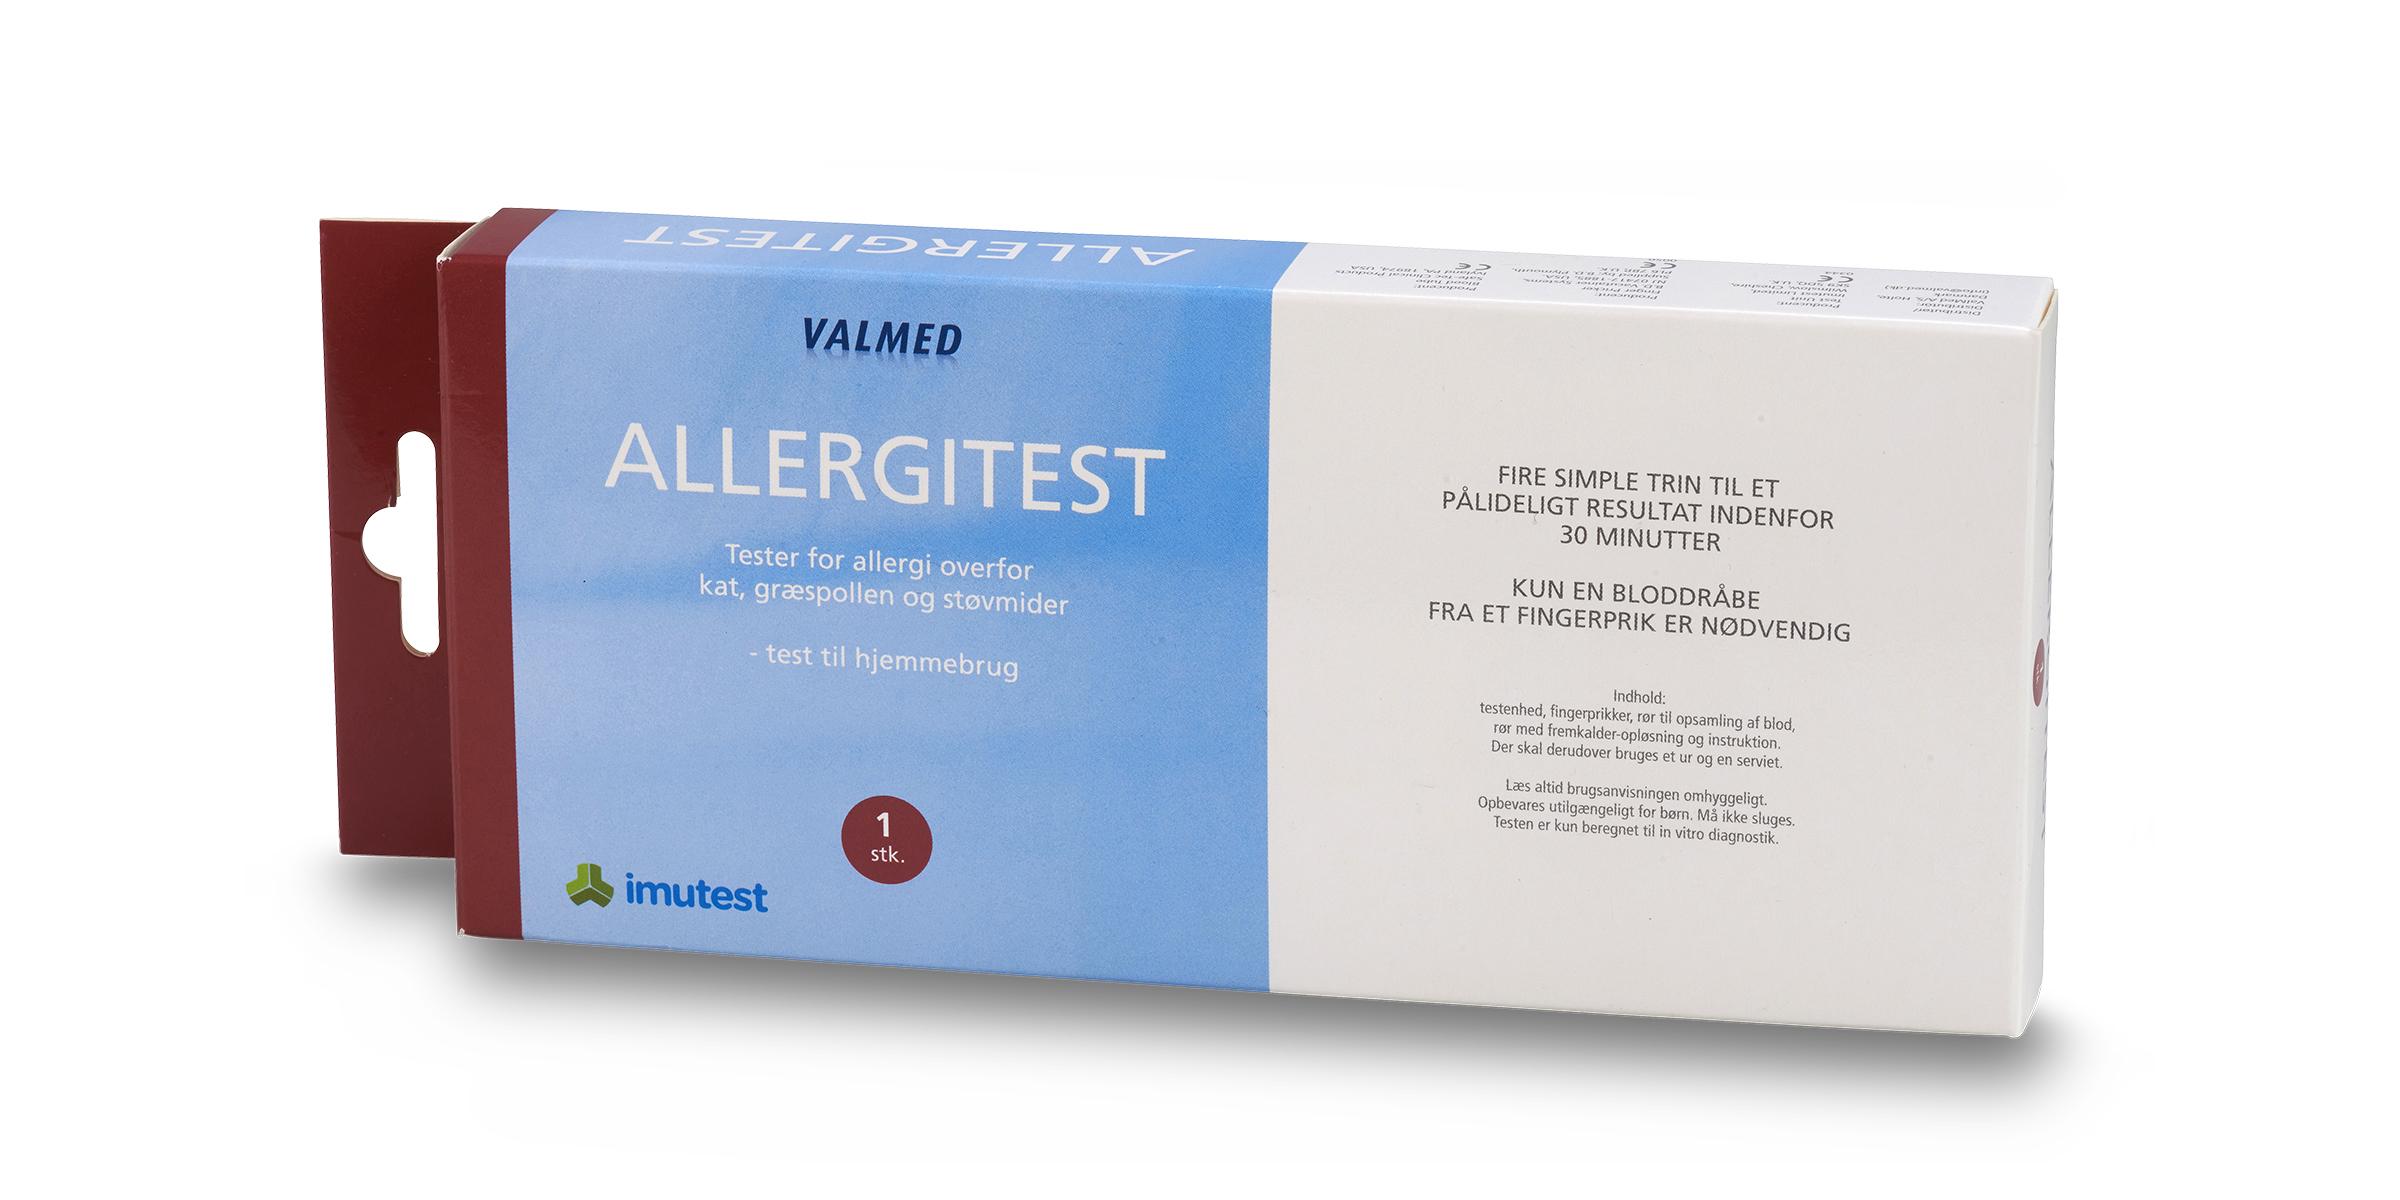 allergitest